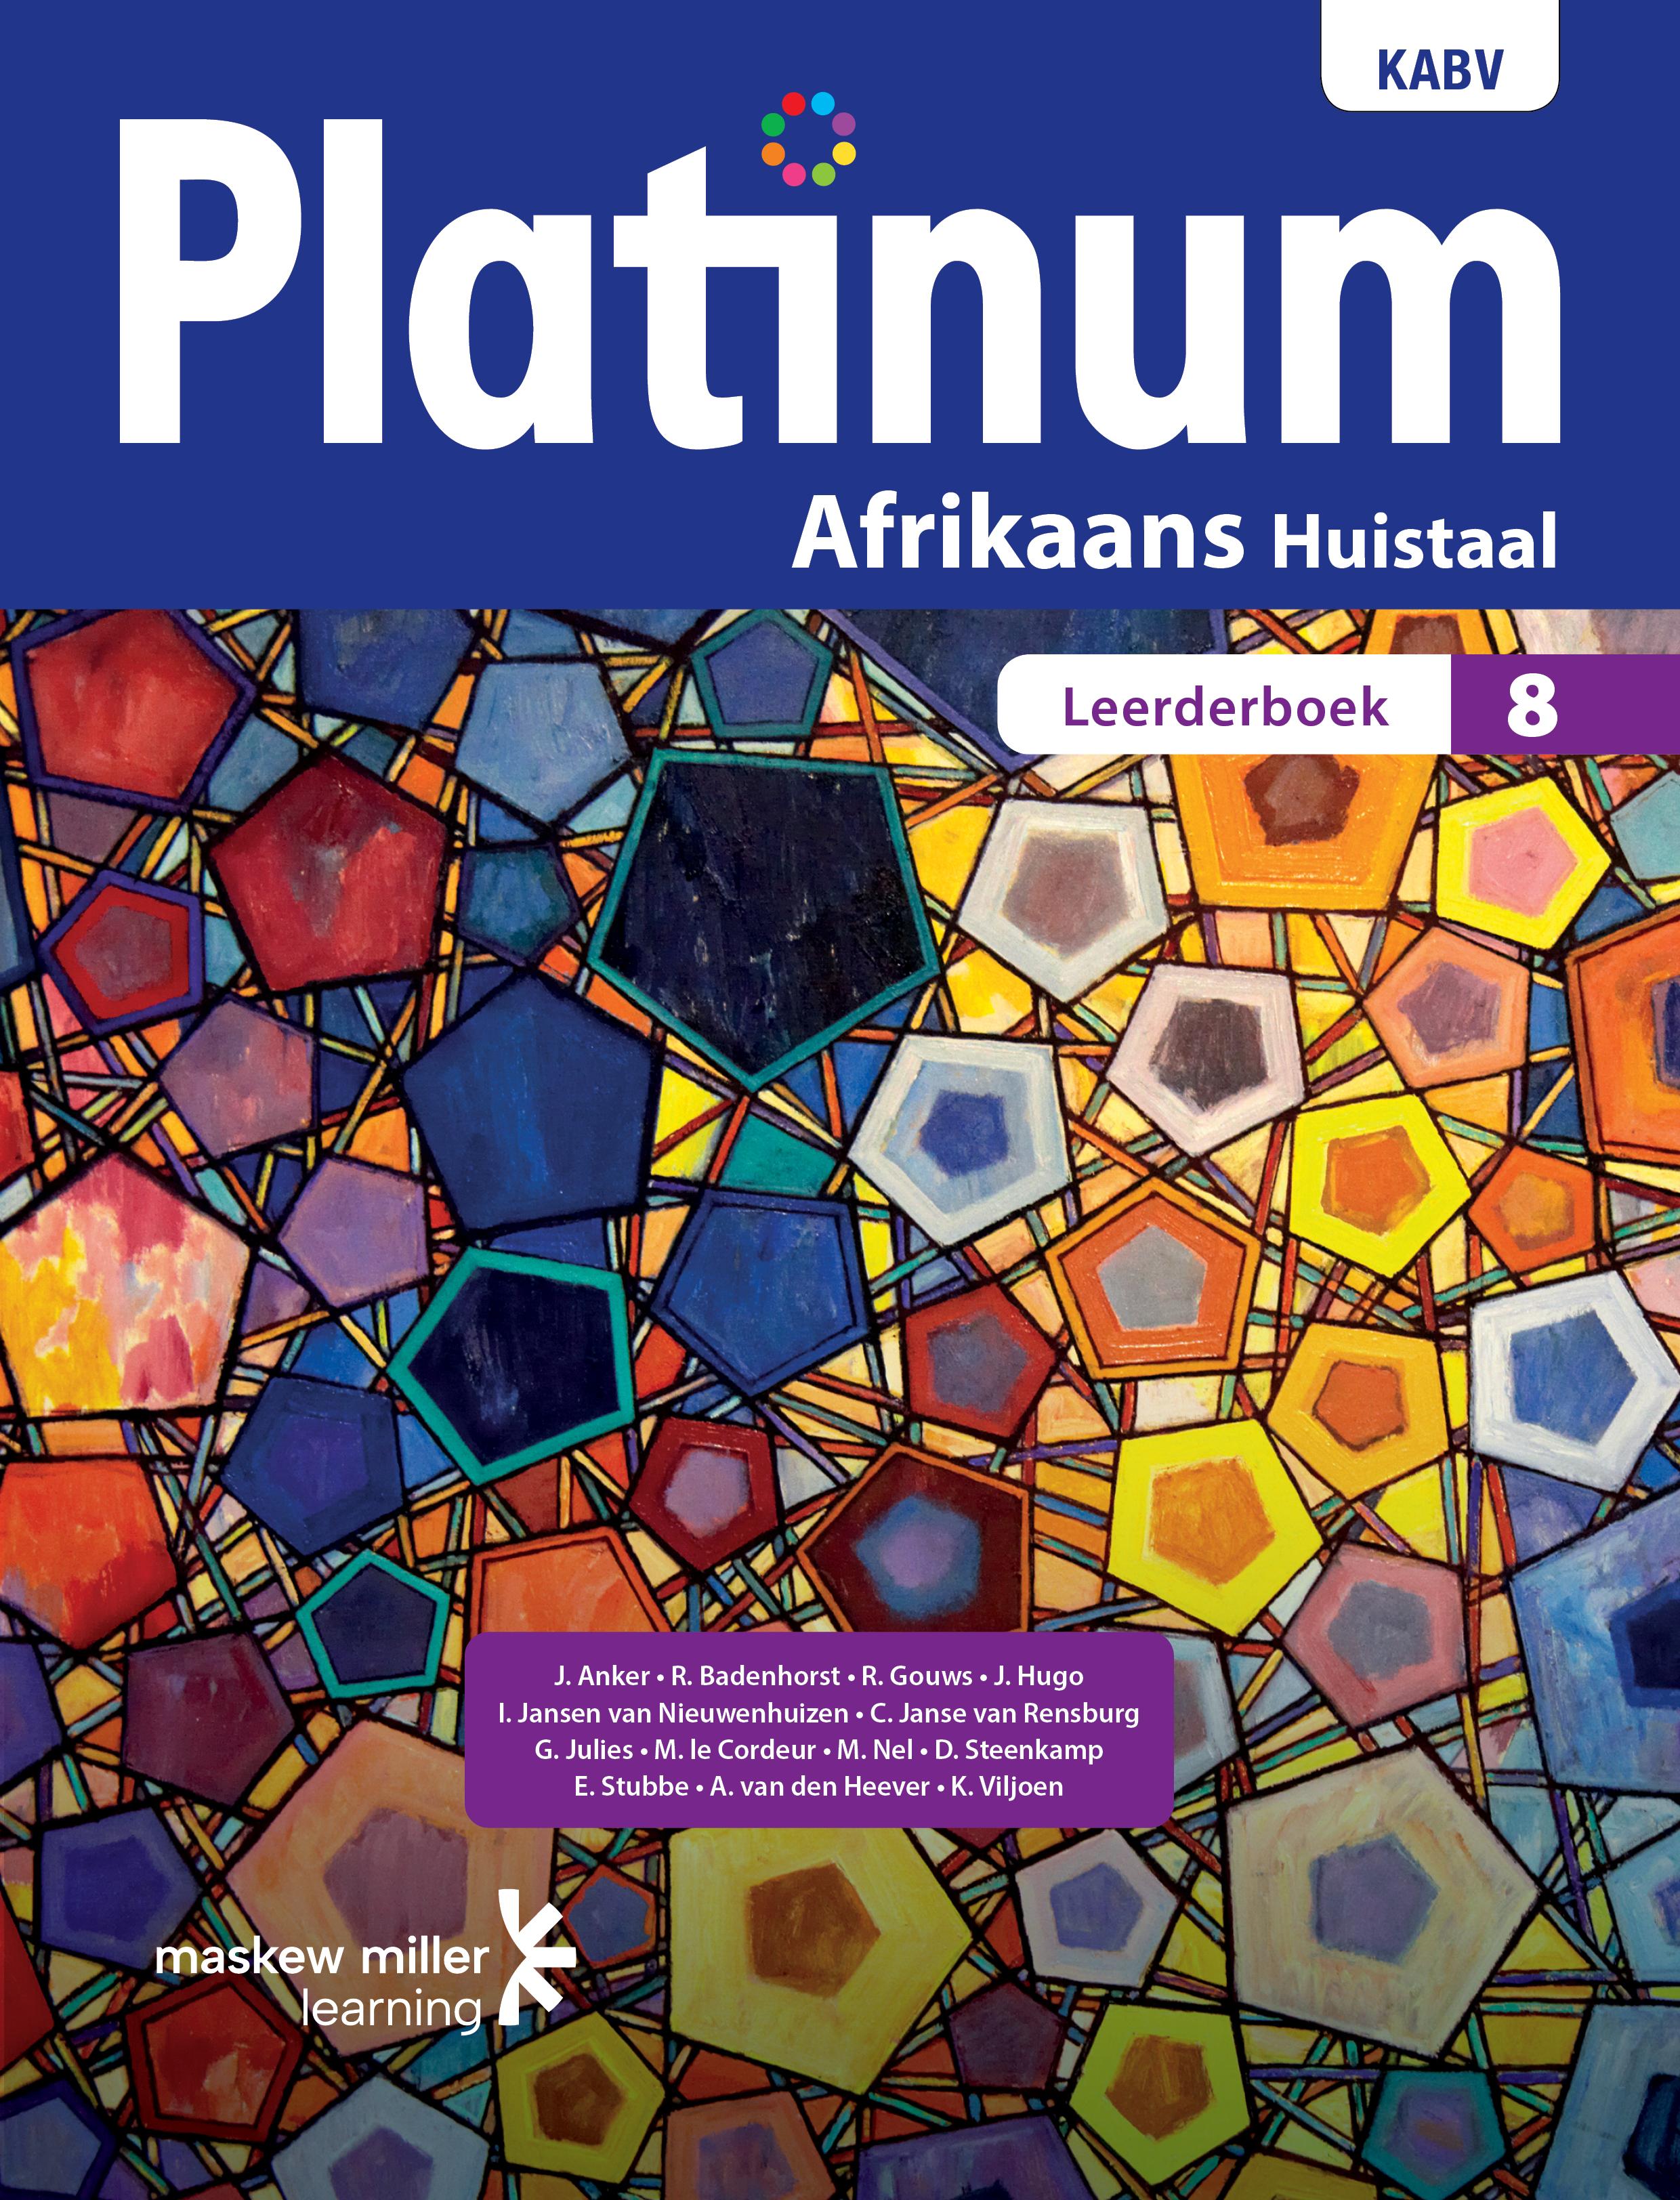 Picture of Platinum Afrikaans KABV: Platinum Afrikaans huistaal: Graad 8: Leerderboek Gr 8: Leerdersboek